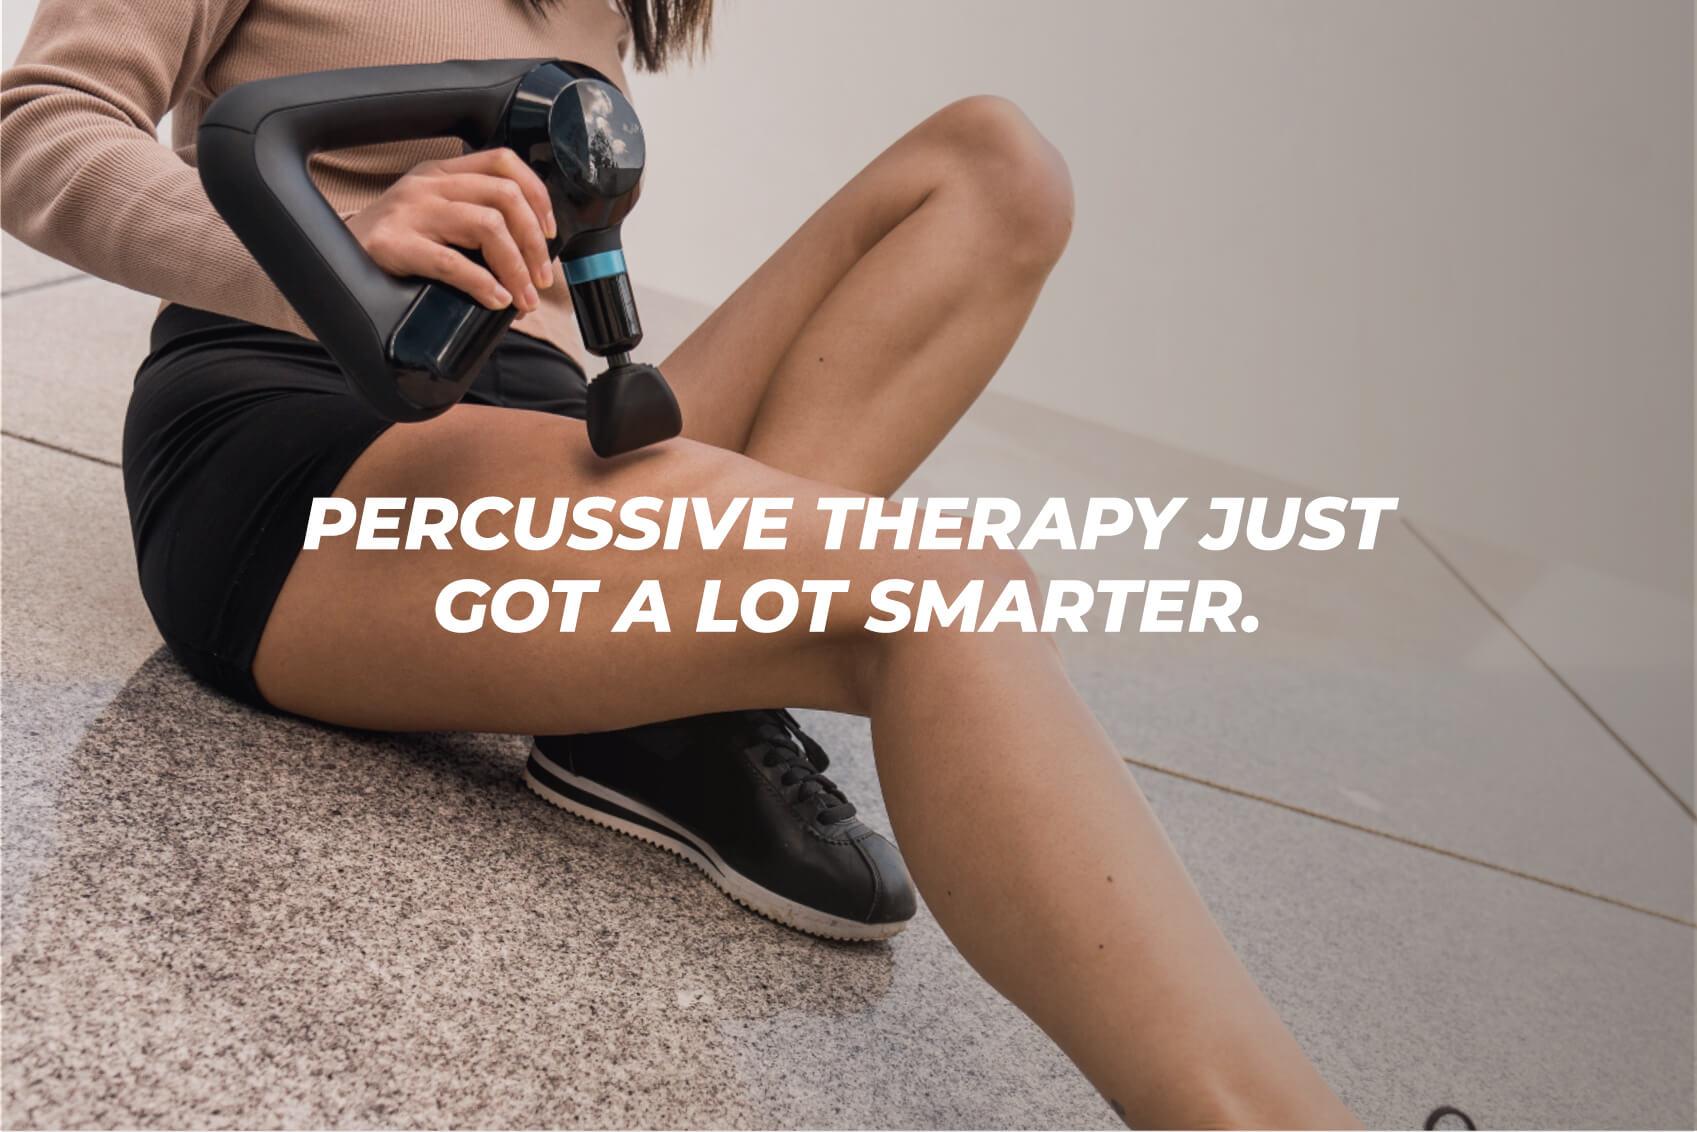 theragun elite percussive therapy just got smarter